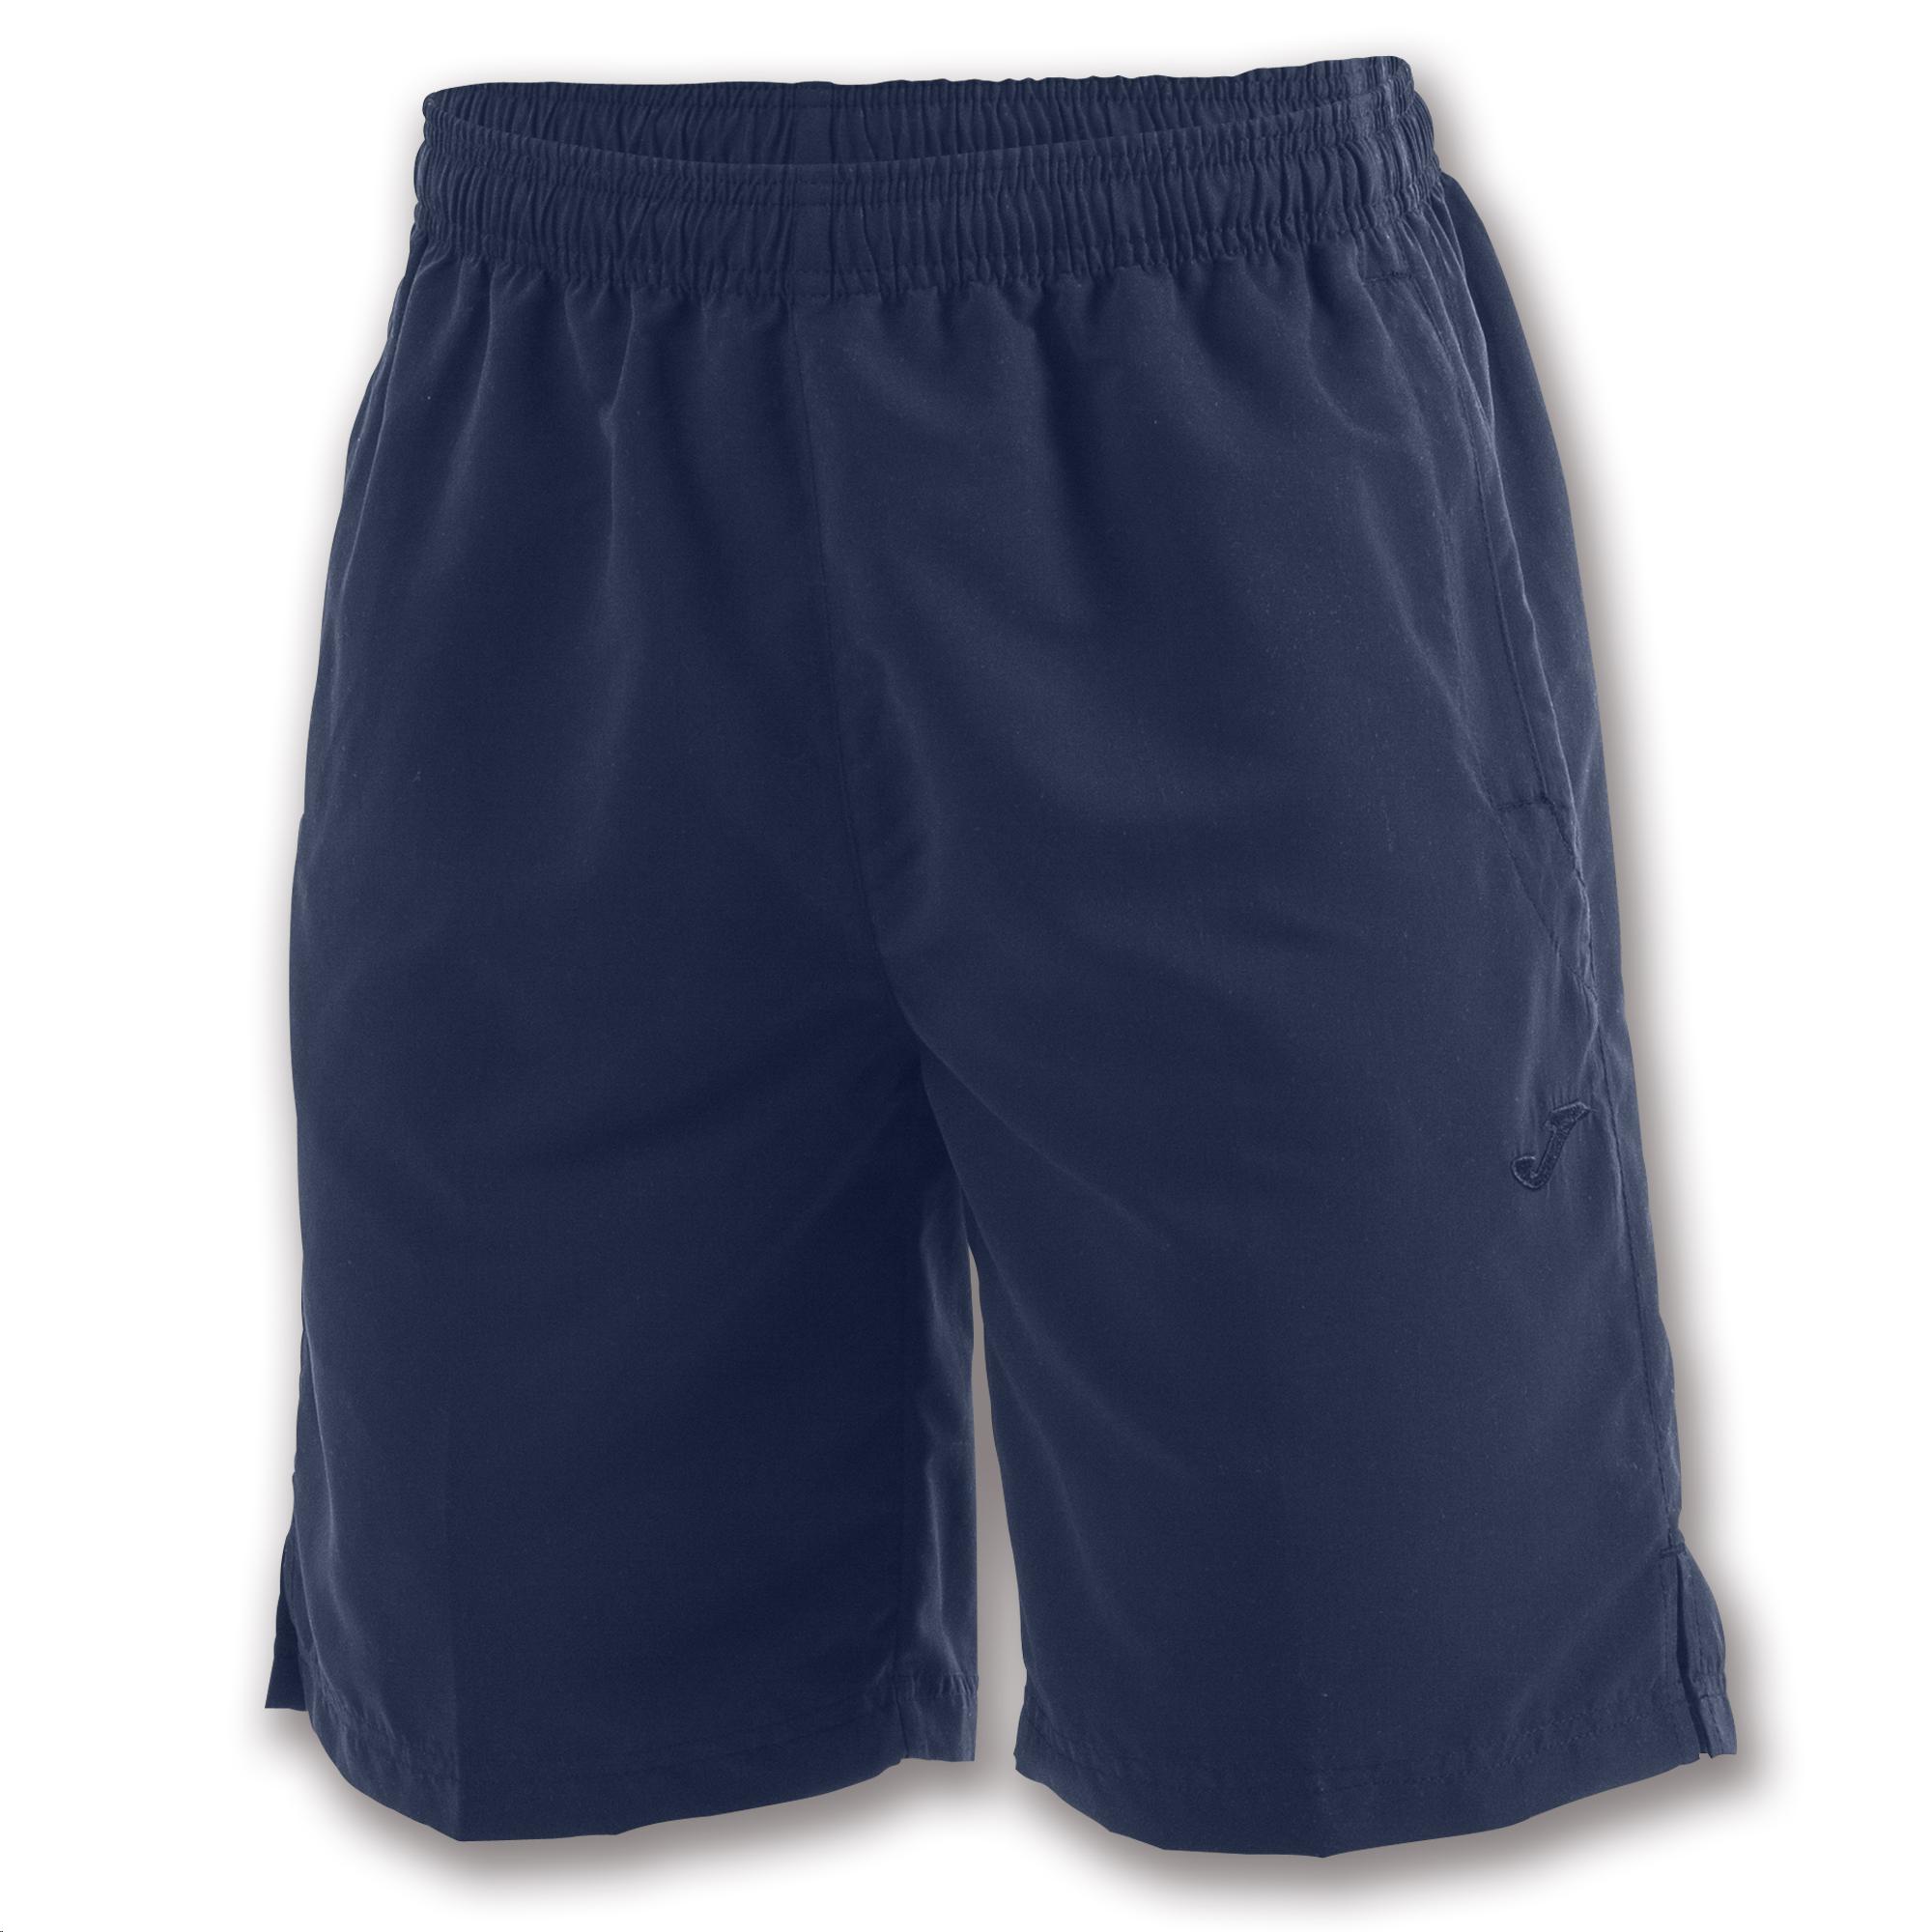 63bc9011cfbc Bermuda Joma Micro. Pocket Niza marino hombre - Deportes Moya